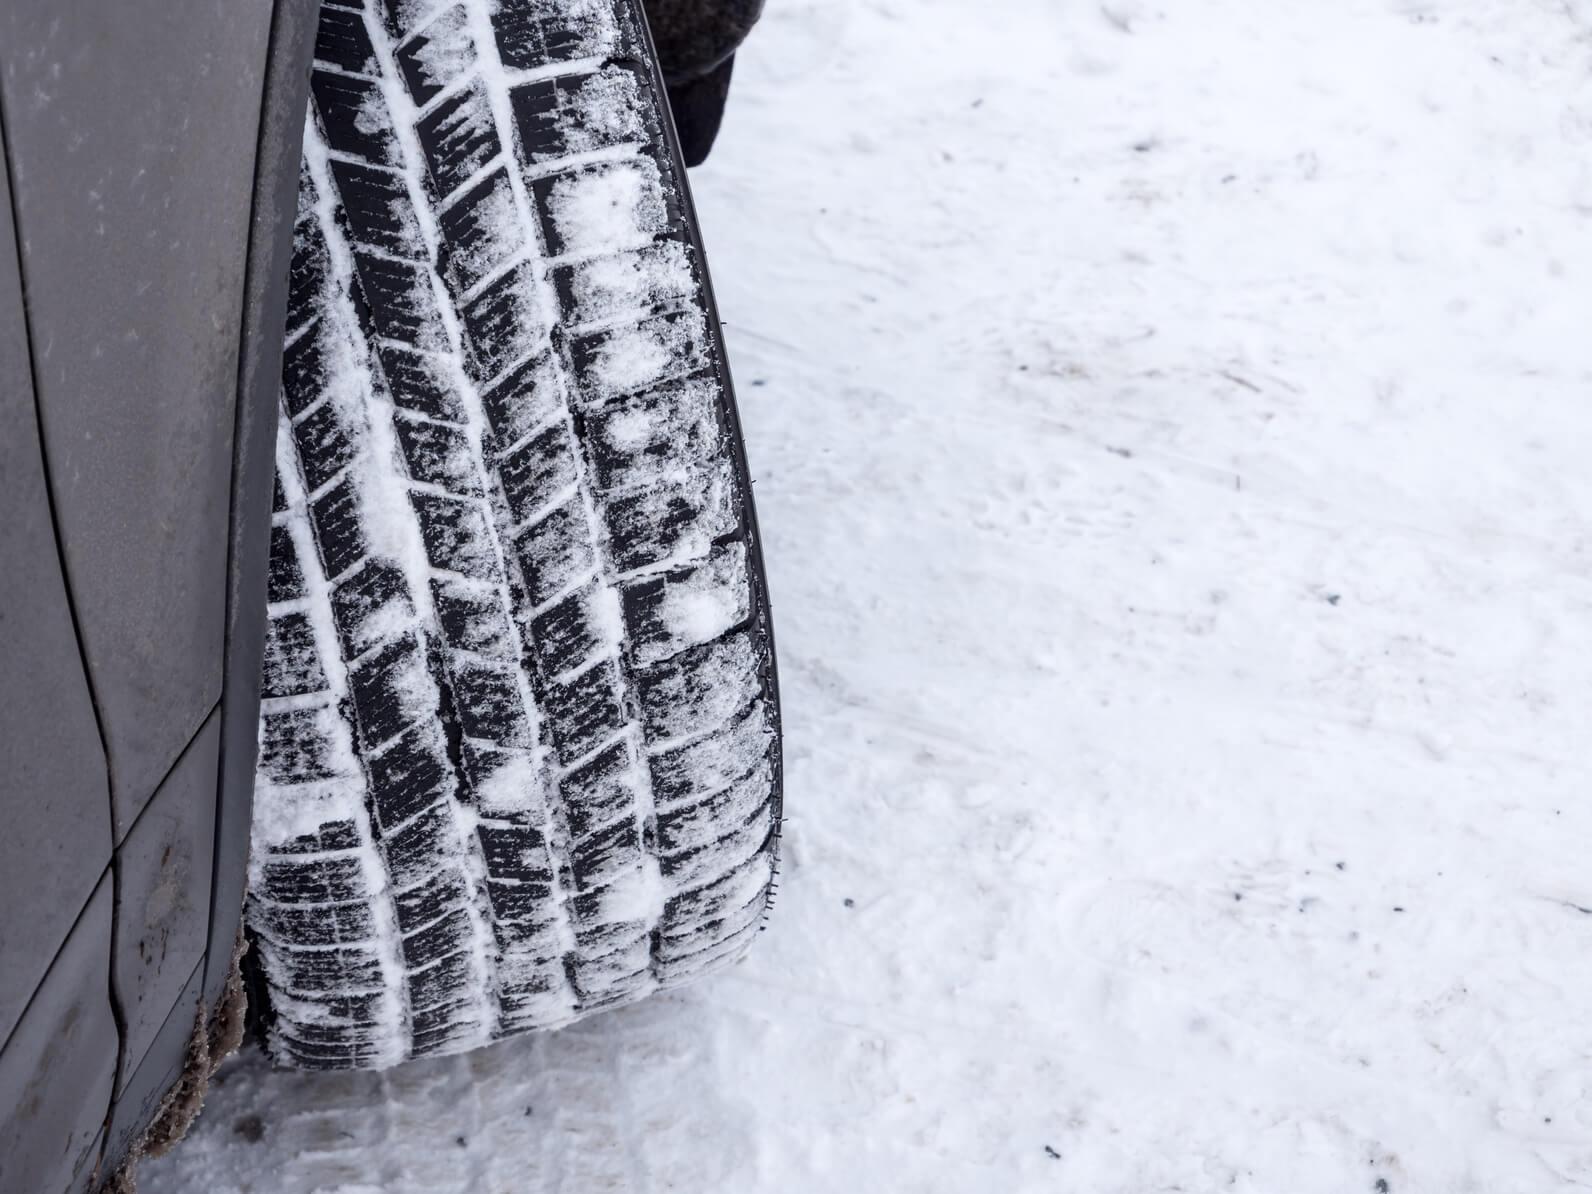 Winterreifens eines Pkw auf schneebedeckter Fahrbahn mit Schnee im Reifenprofil.